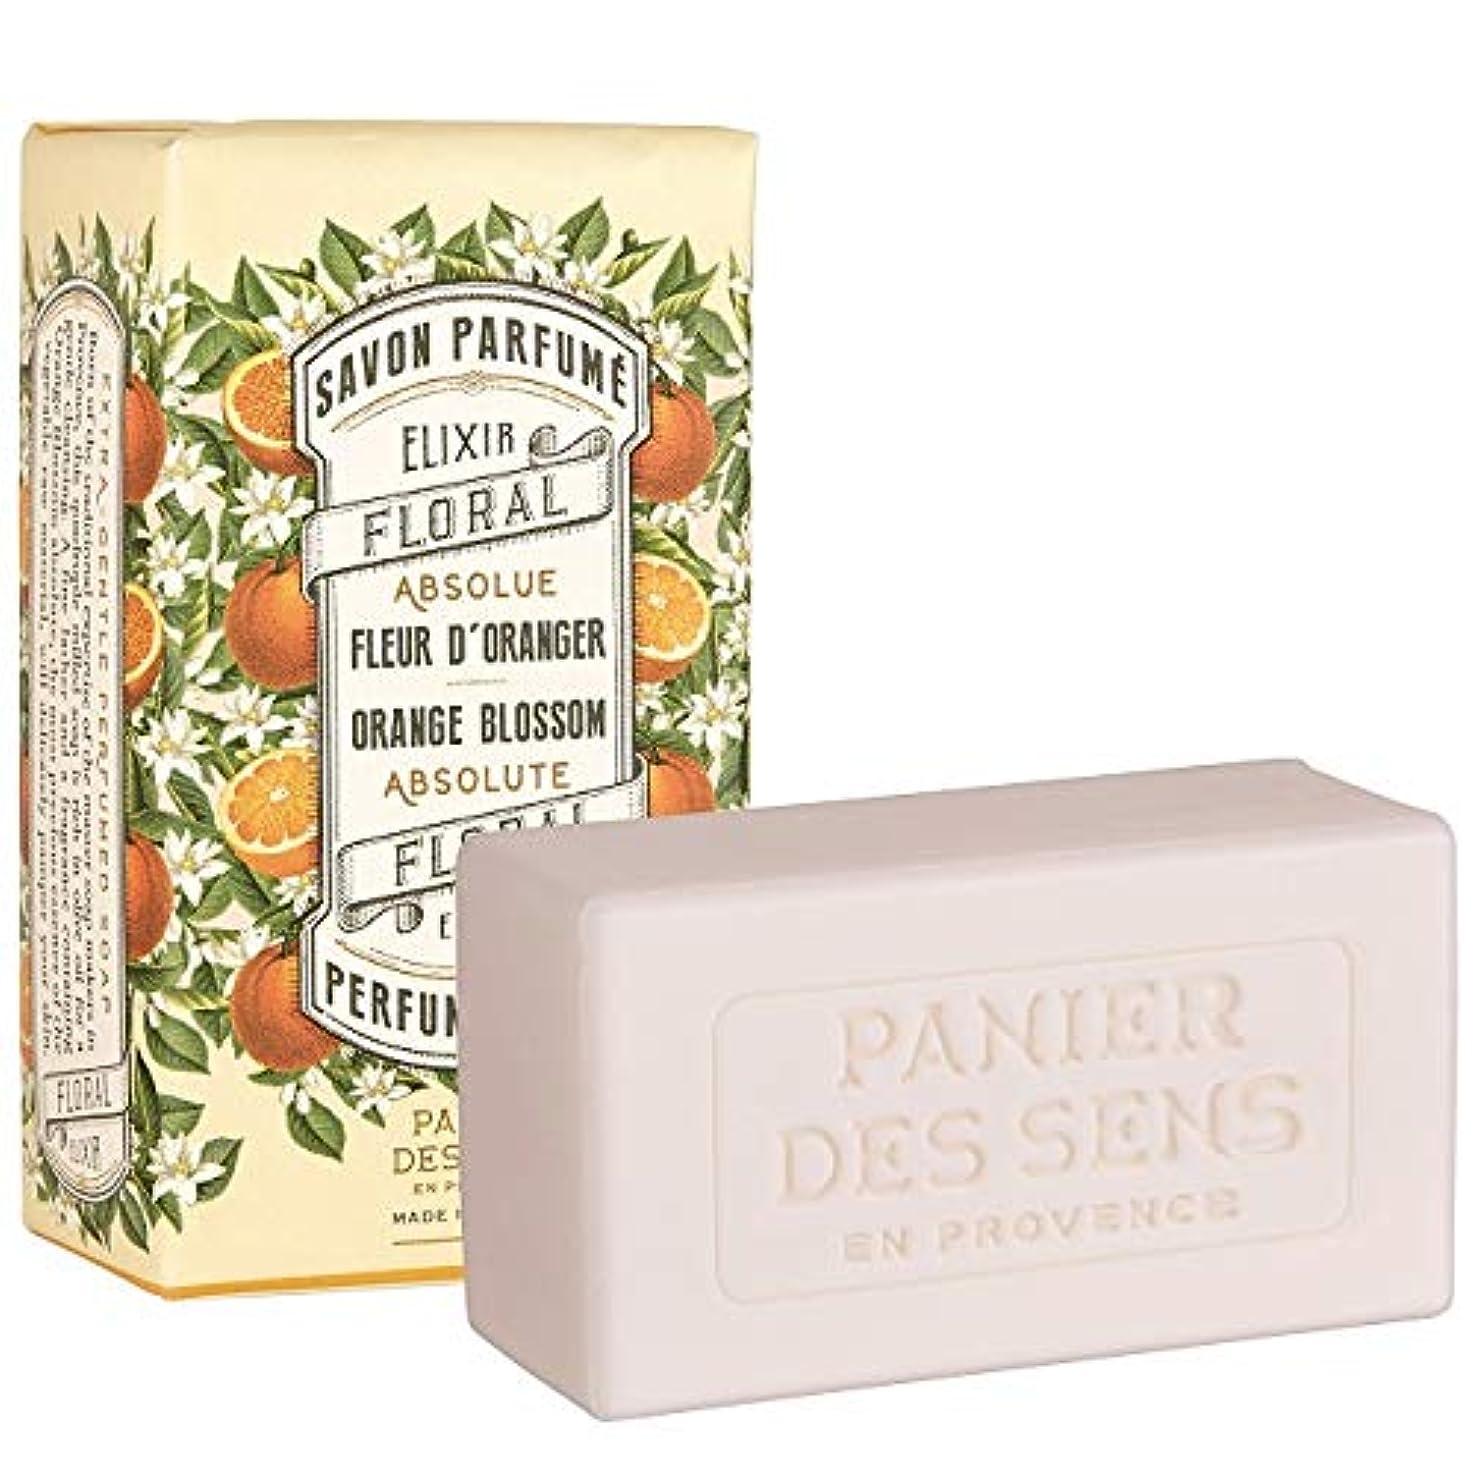 豊富な書き込みデータベースPanierdessens(パニエデサンス) アブソリュートオレンジブロッサム パフュームドソープ 石鹸 ビターで魅力的な香り 150g